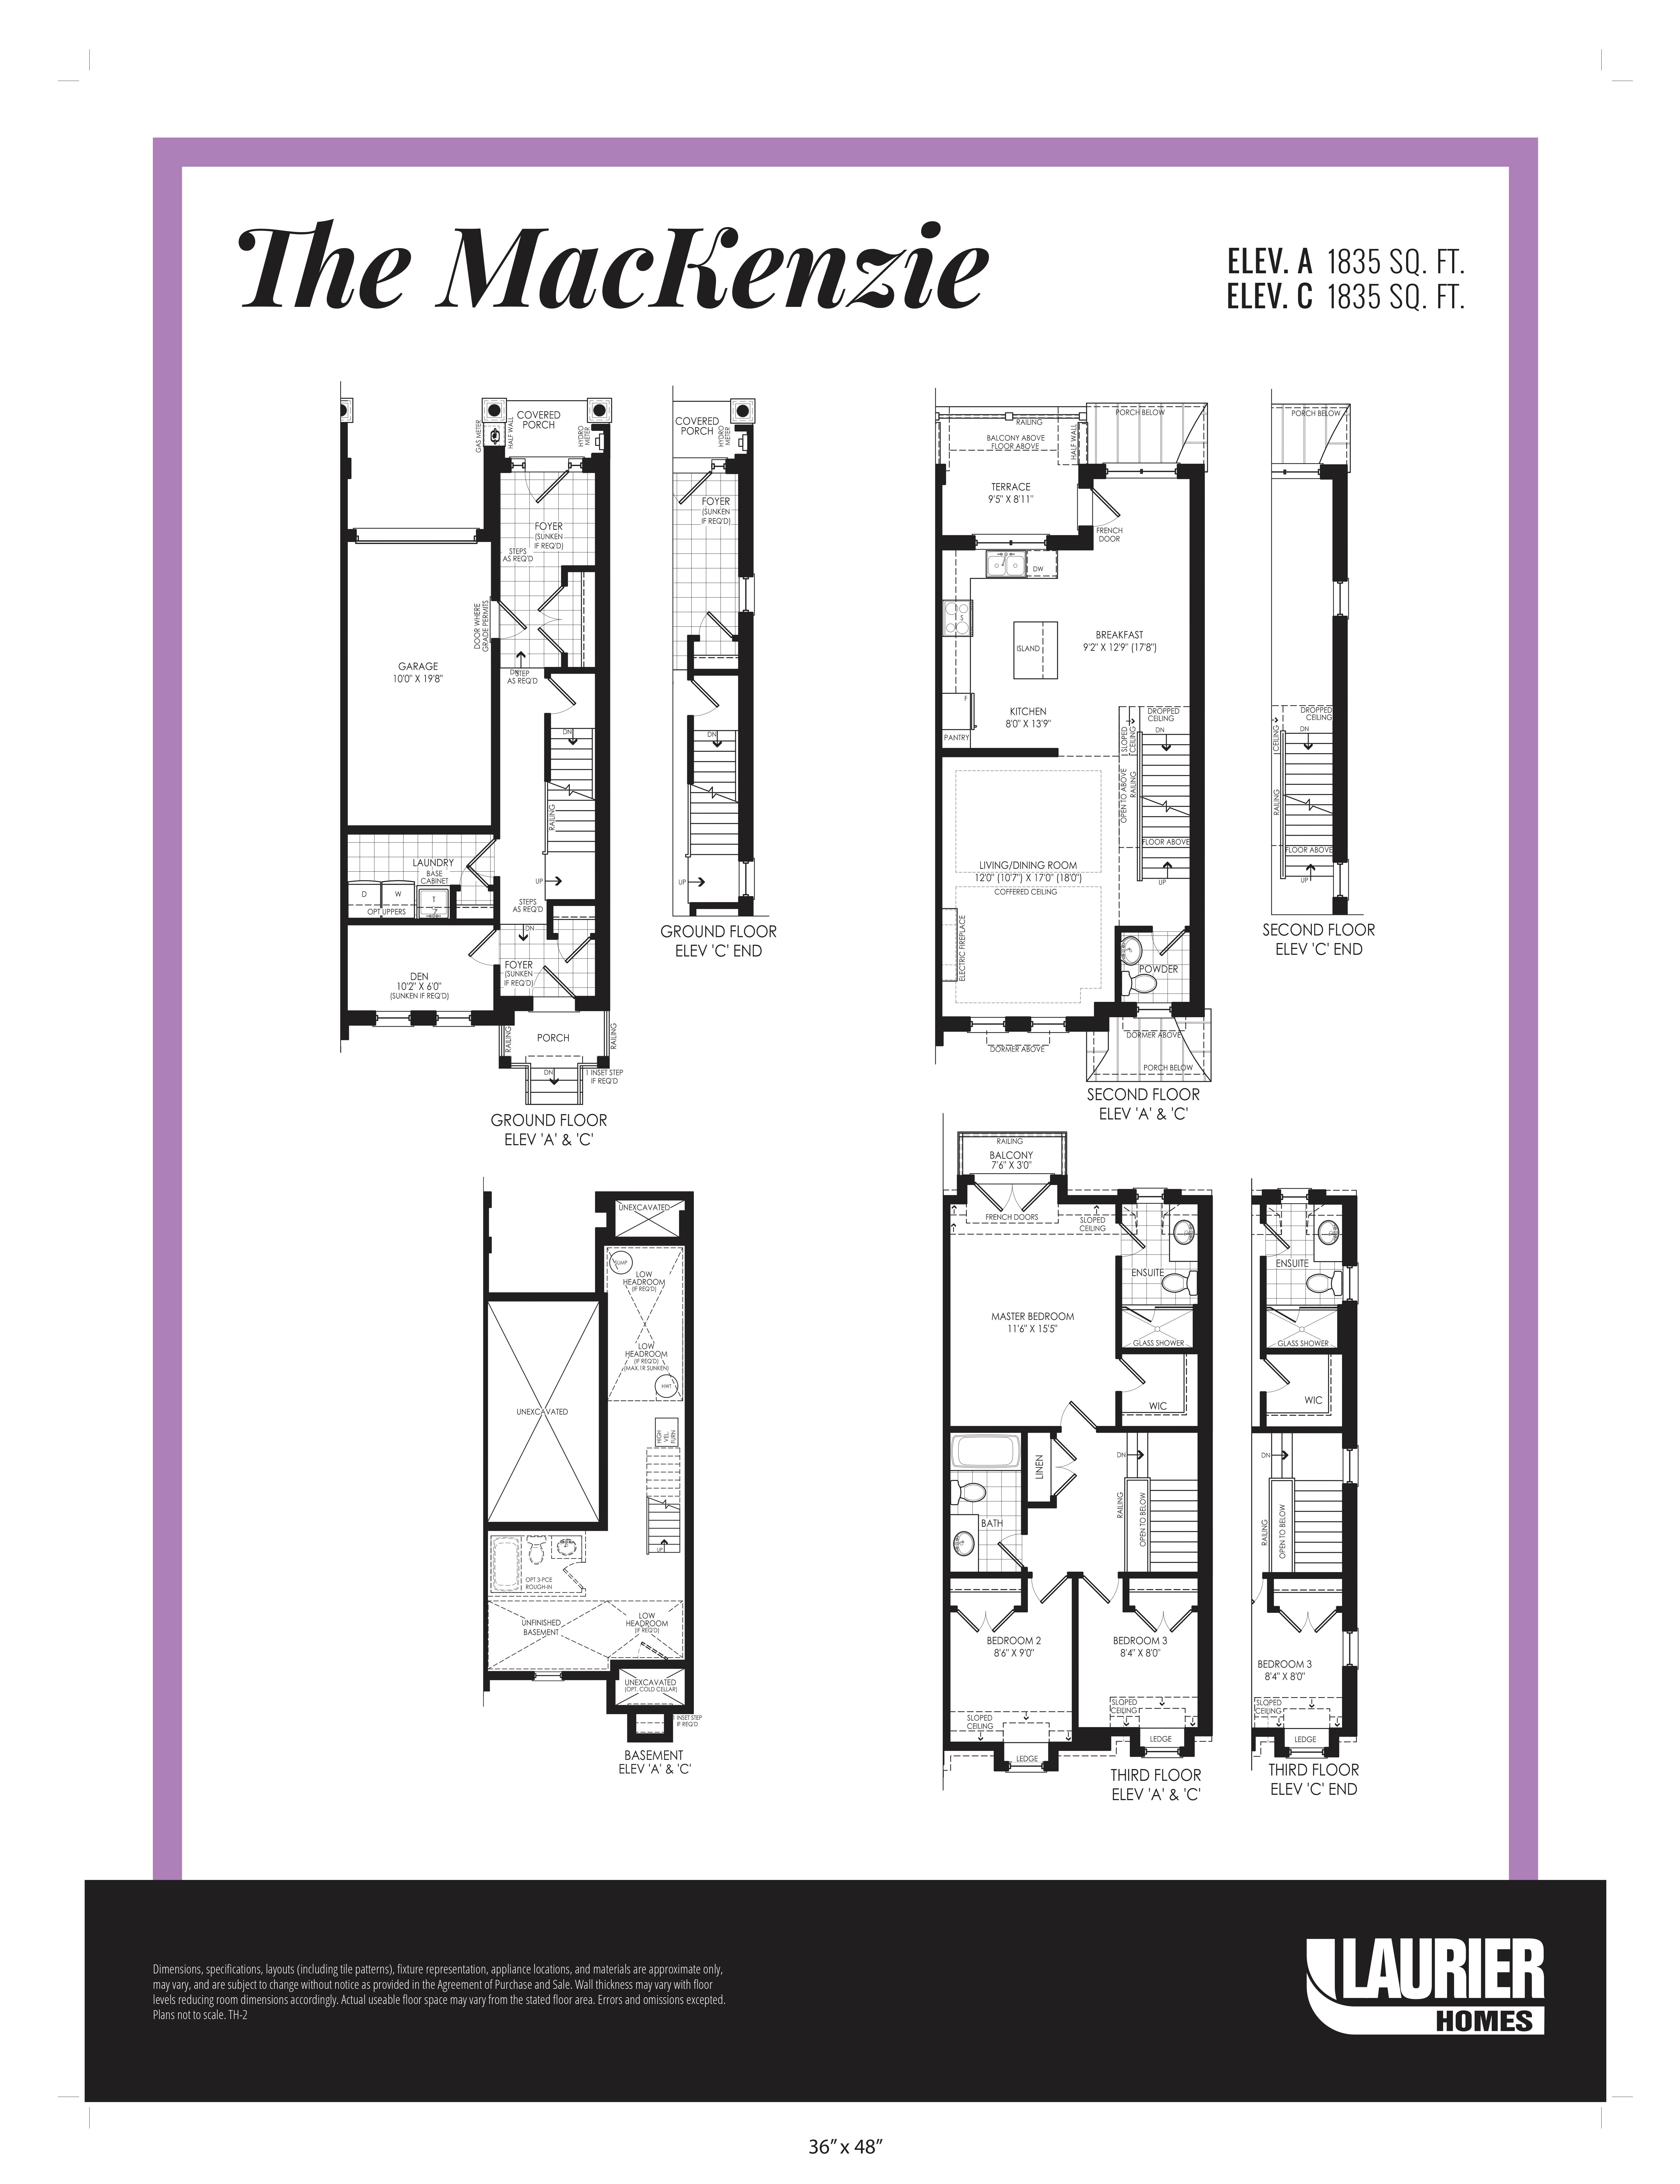 Floor plan of The Mackenzie